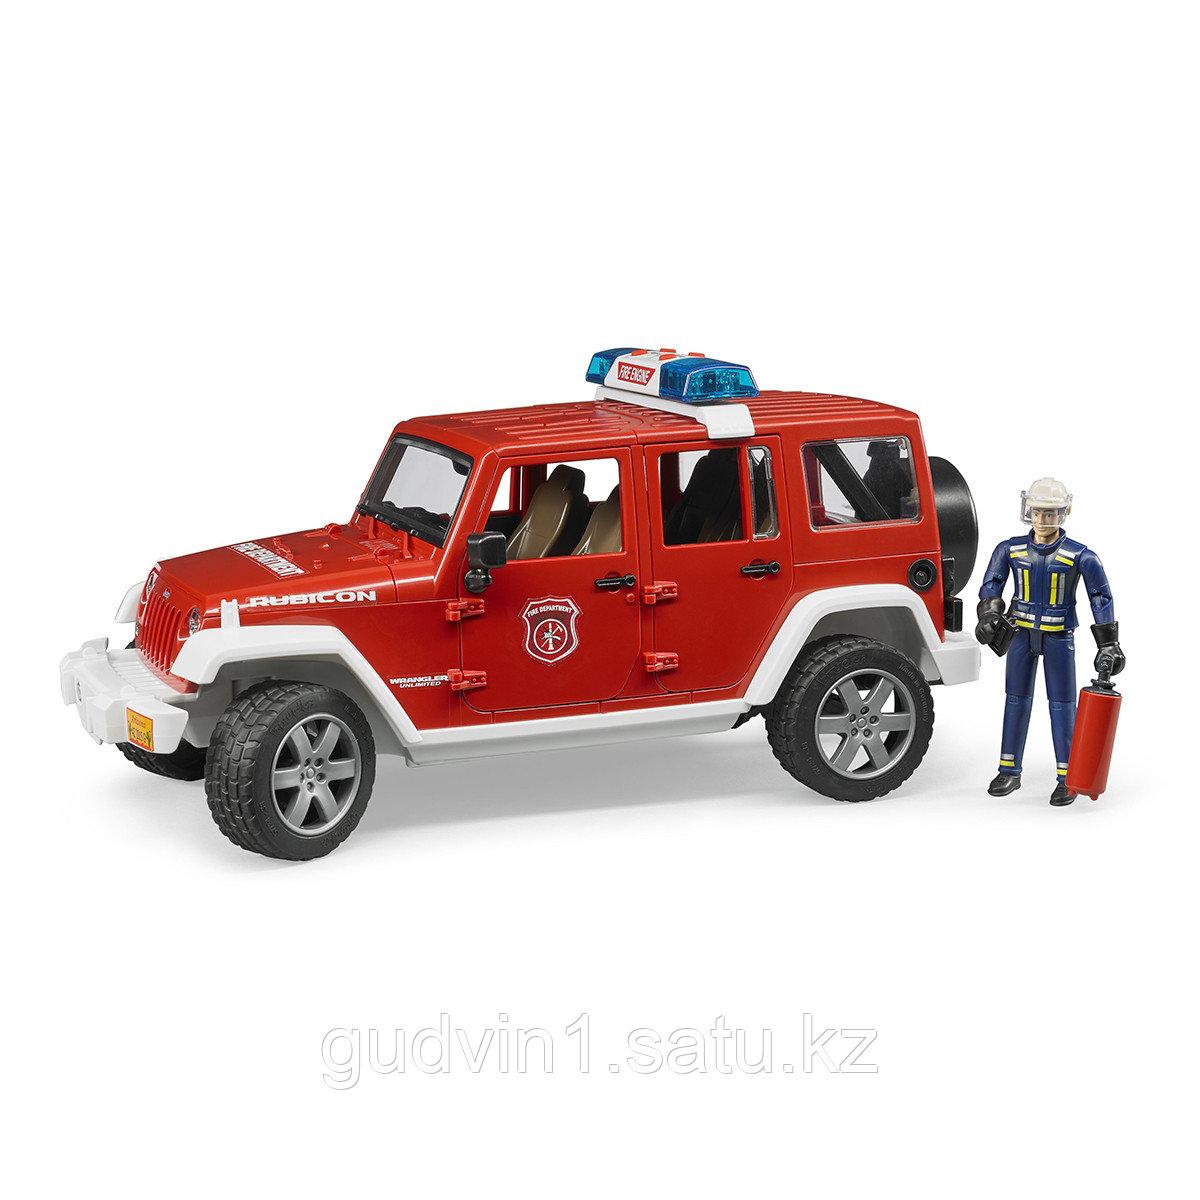 Bruder Внедорожник Jeep Wrangler Unlimited Rubicon Пожарная с фигуркой 02-528